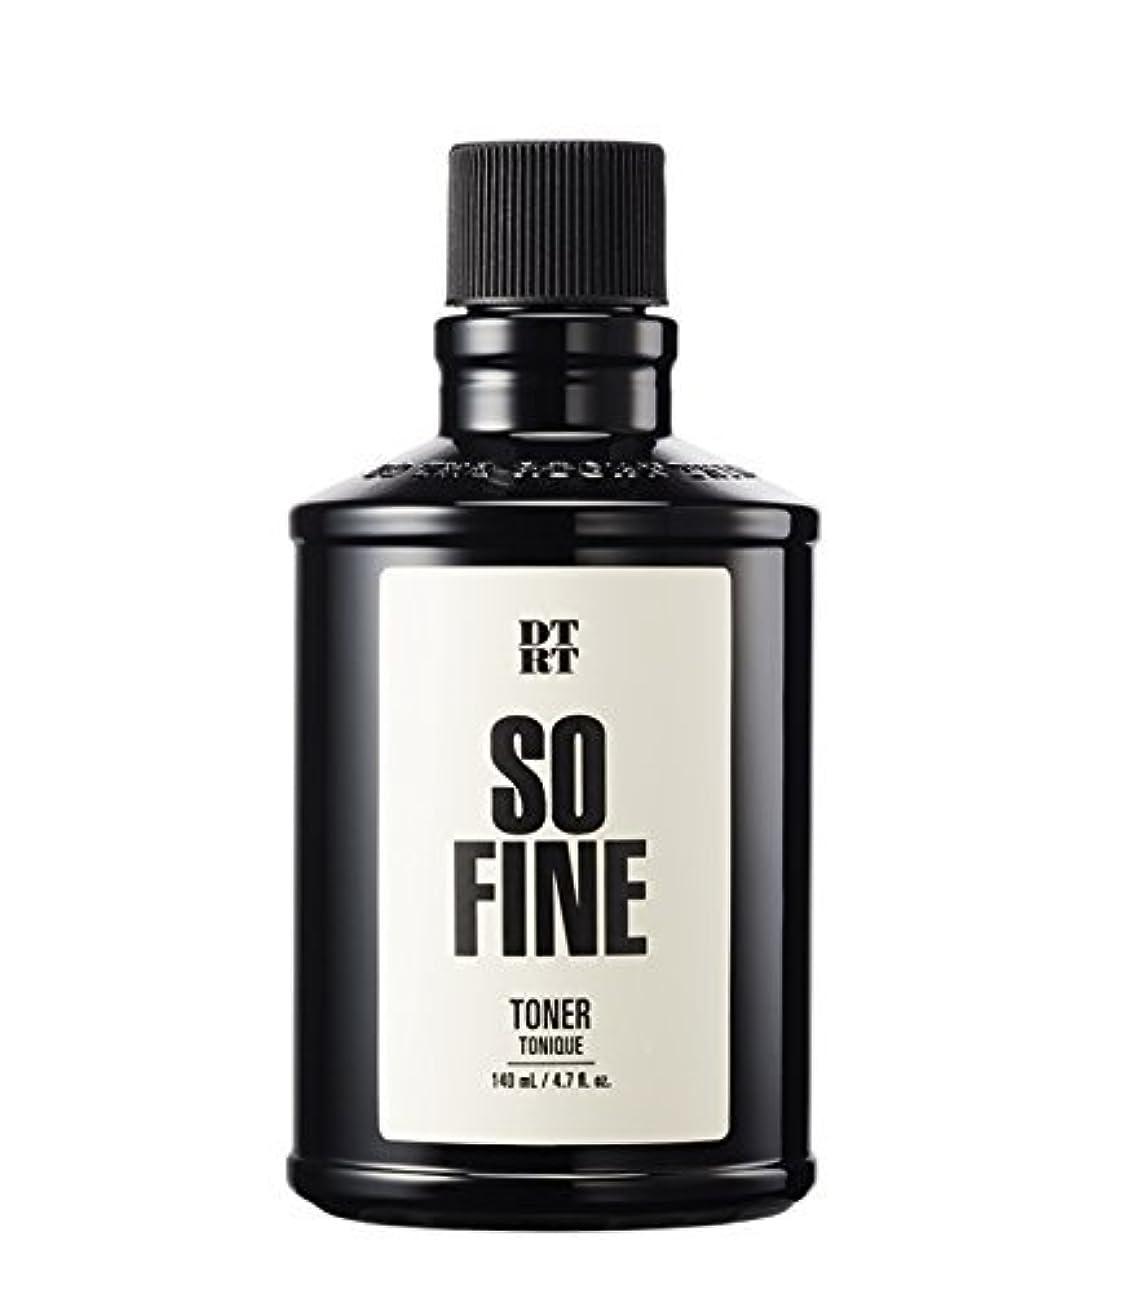 イタリックオリエンテーション中絶DTRT トナーソファイン140ml For men / DTRT So Fine Toner / Korea Cosmetic